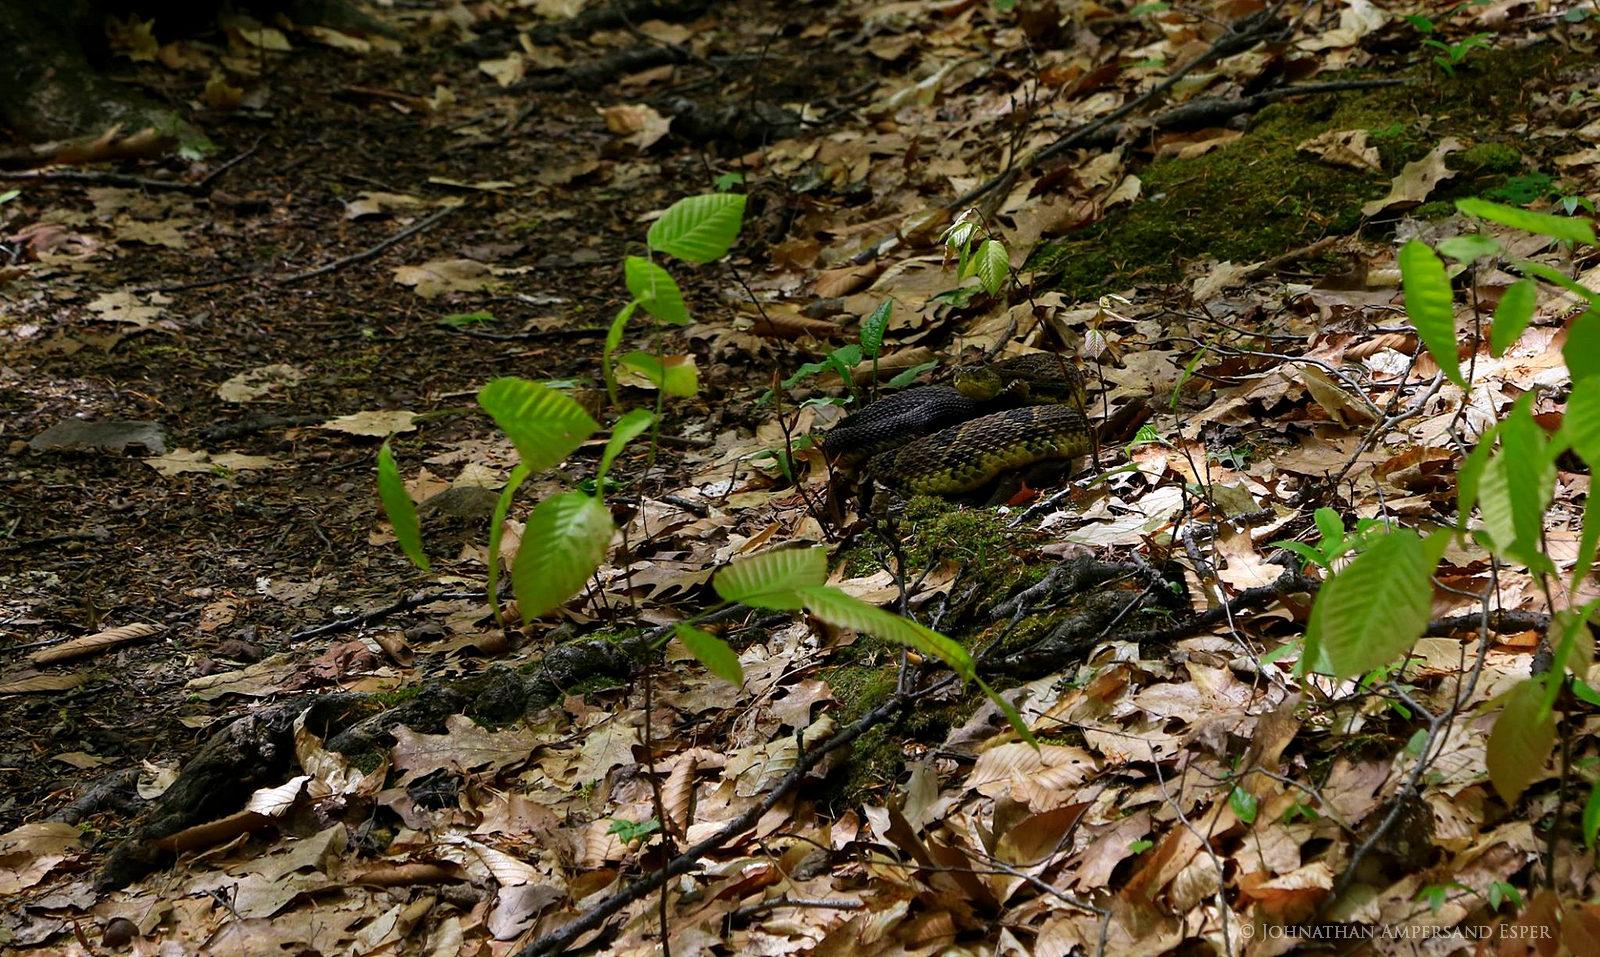 Rattlesnake,Tongue Mountain Range,Tongue Range,timber rattlesnake,coiled,camouflaged,trail,hiking,Tongue Mt,Tongue Mt rattlesnake,, photo